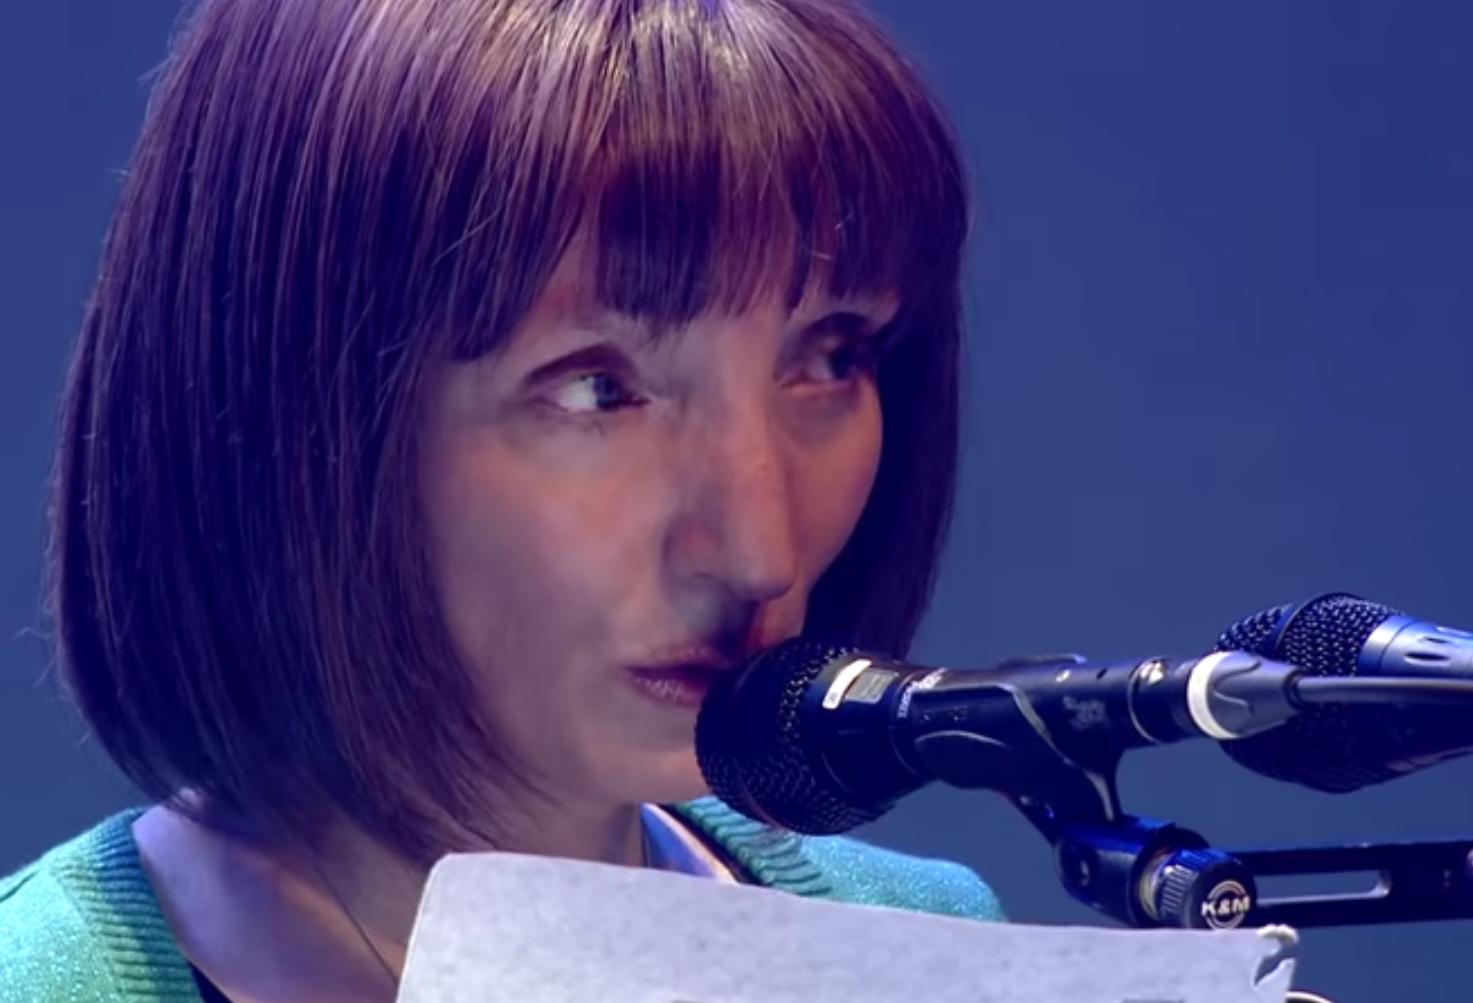 In het land van Dutroux zingt dichteres de lof van pedofilie